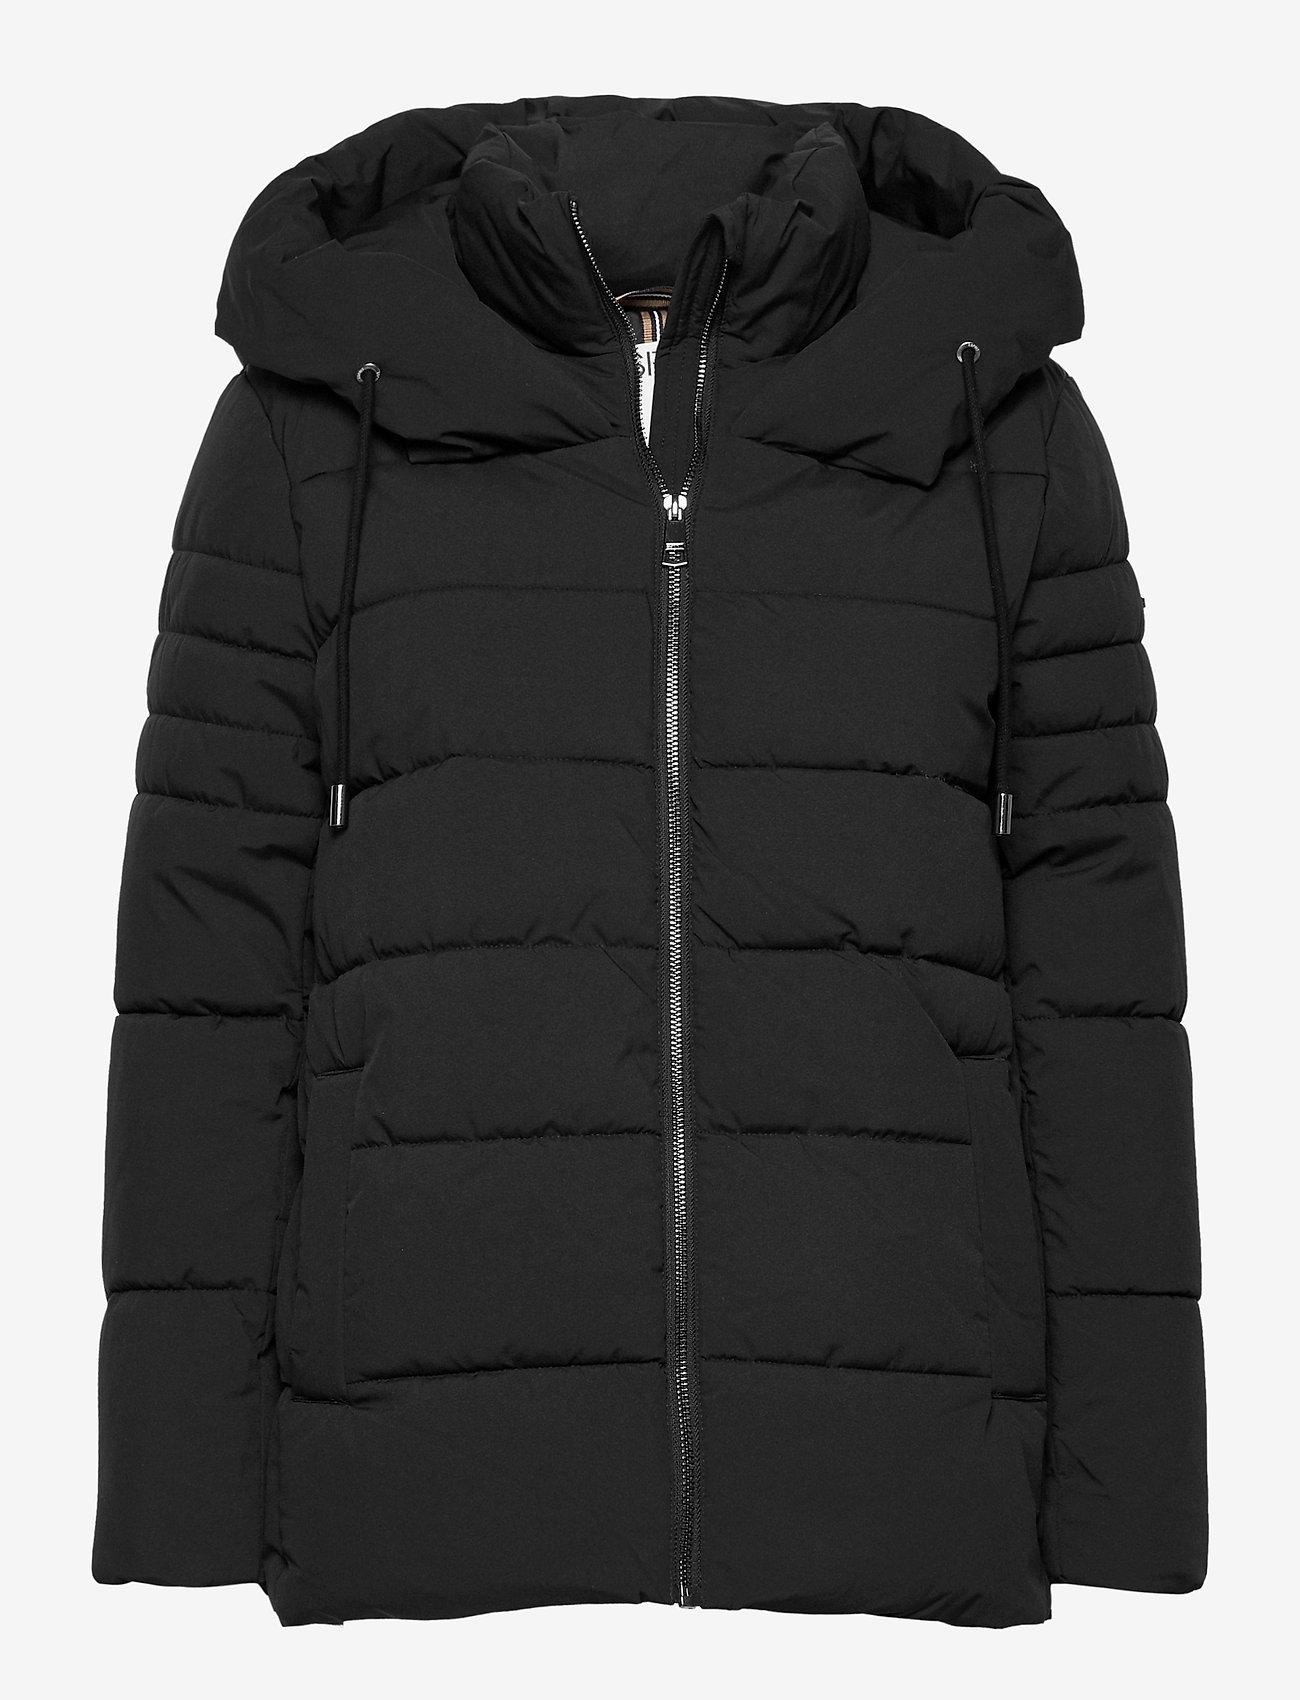 Esprit Casual - Jackets outdoor woven - doudounes - black - 0